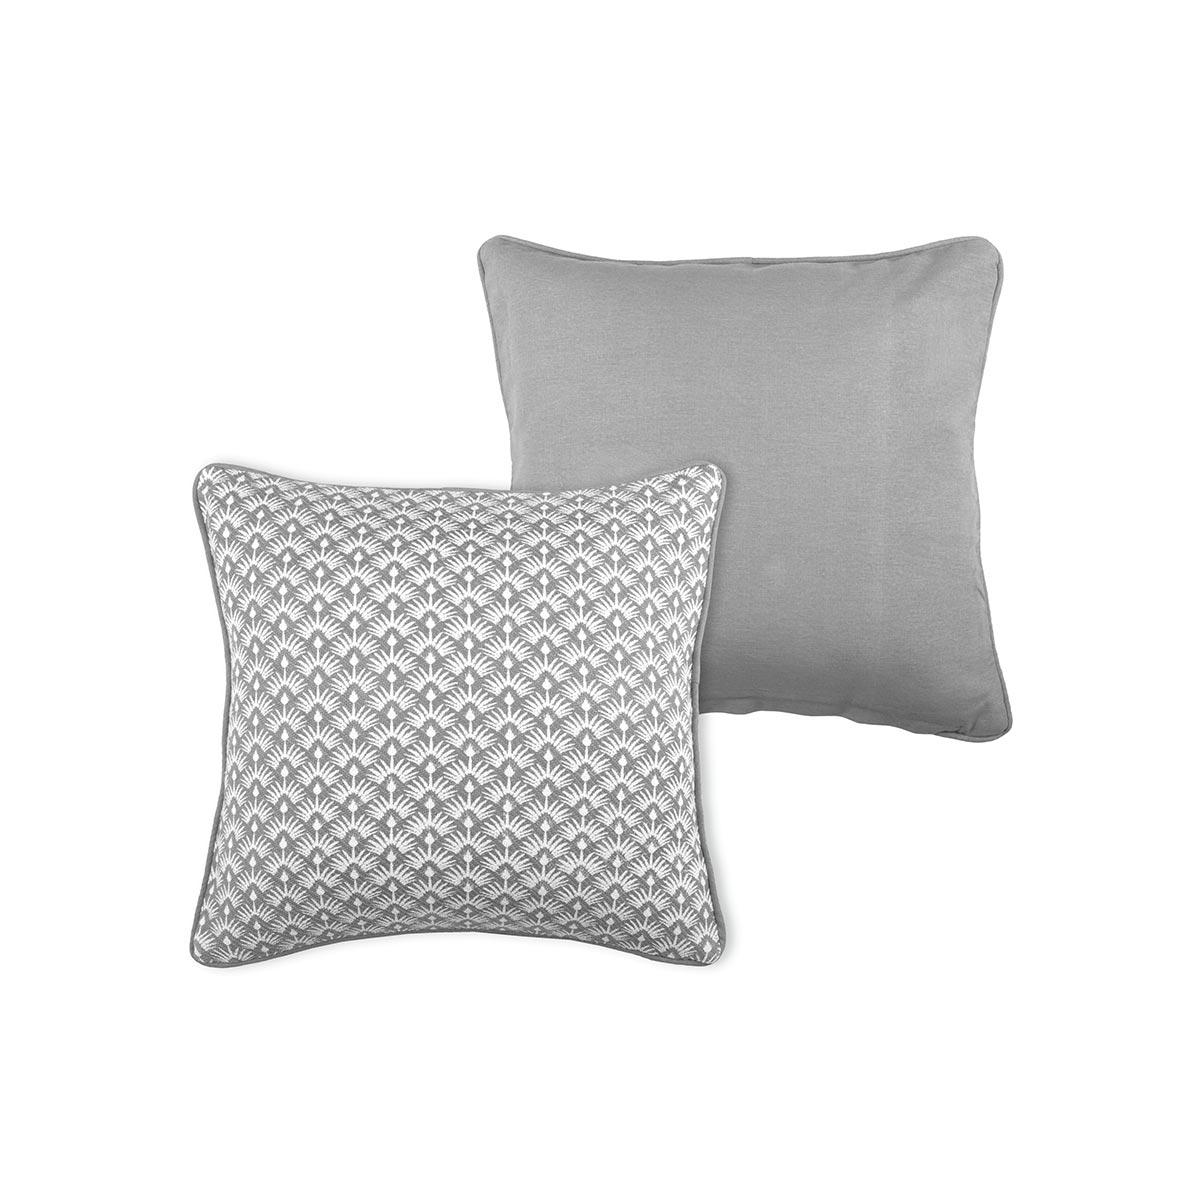 Διακοσμητικό Μαξιλάρι 2 Όψεων (40×40) S-F Palma Gris C0A114005